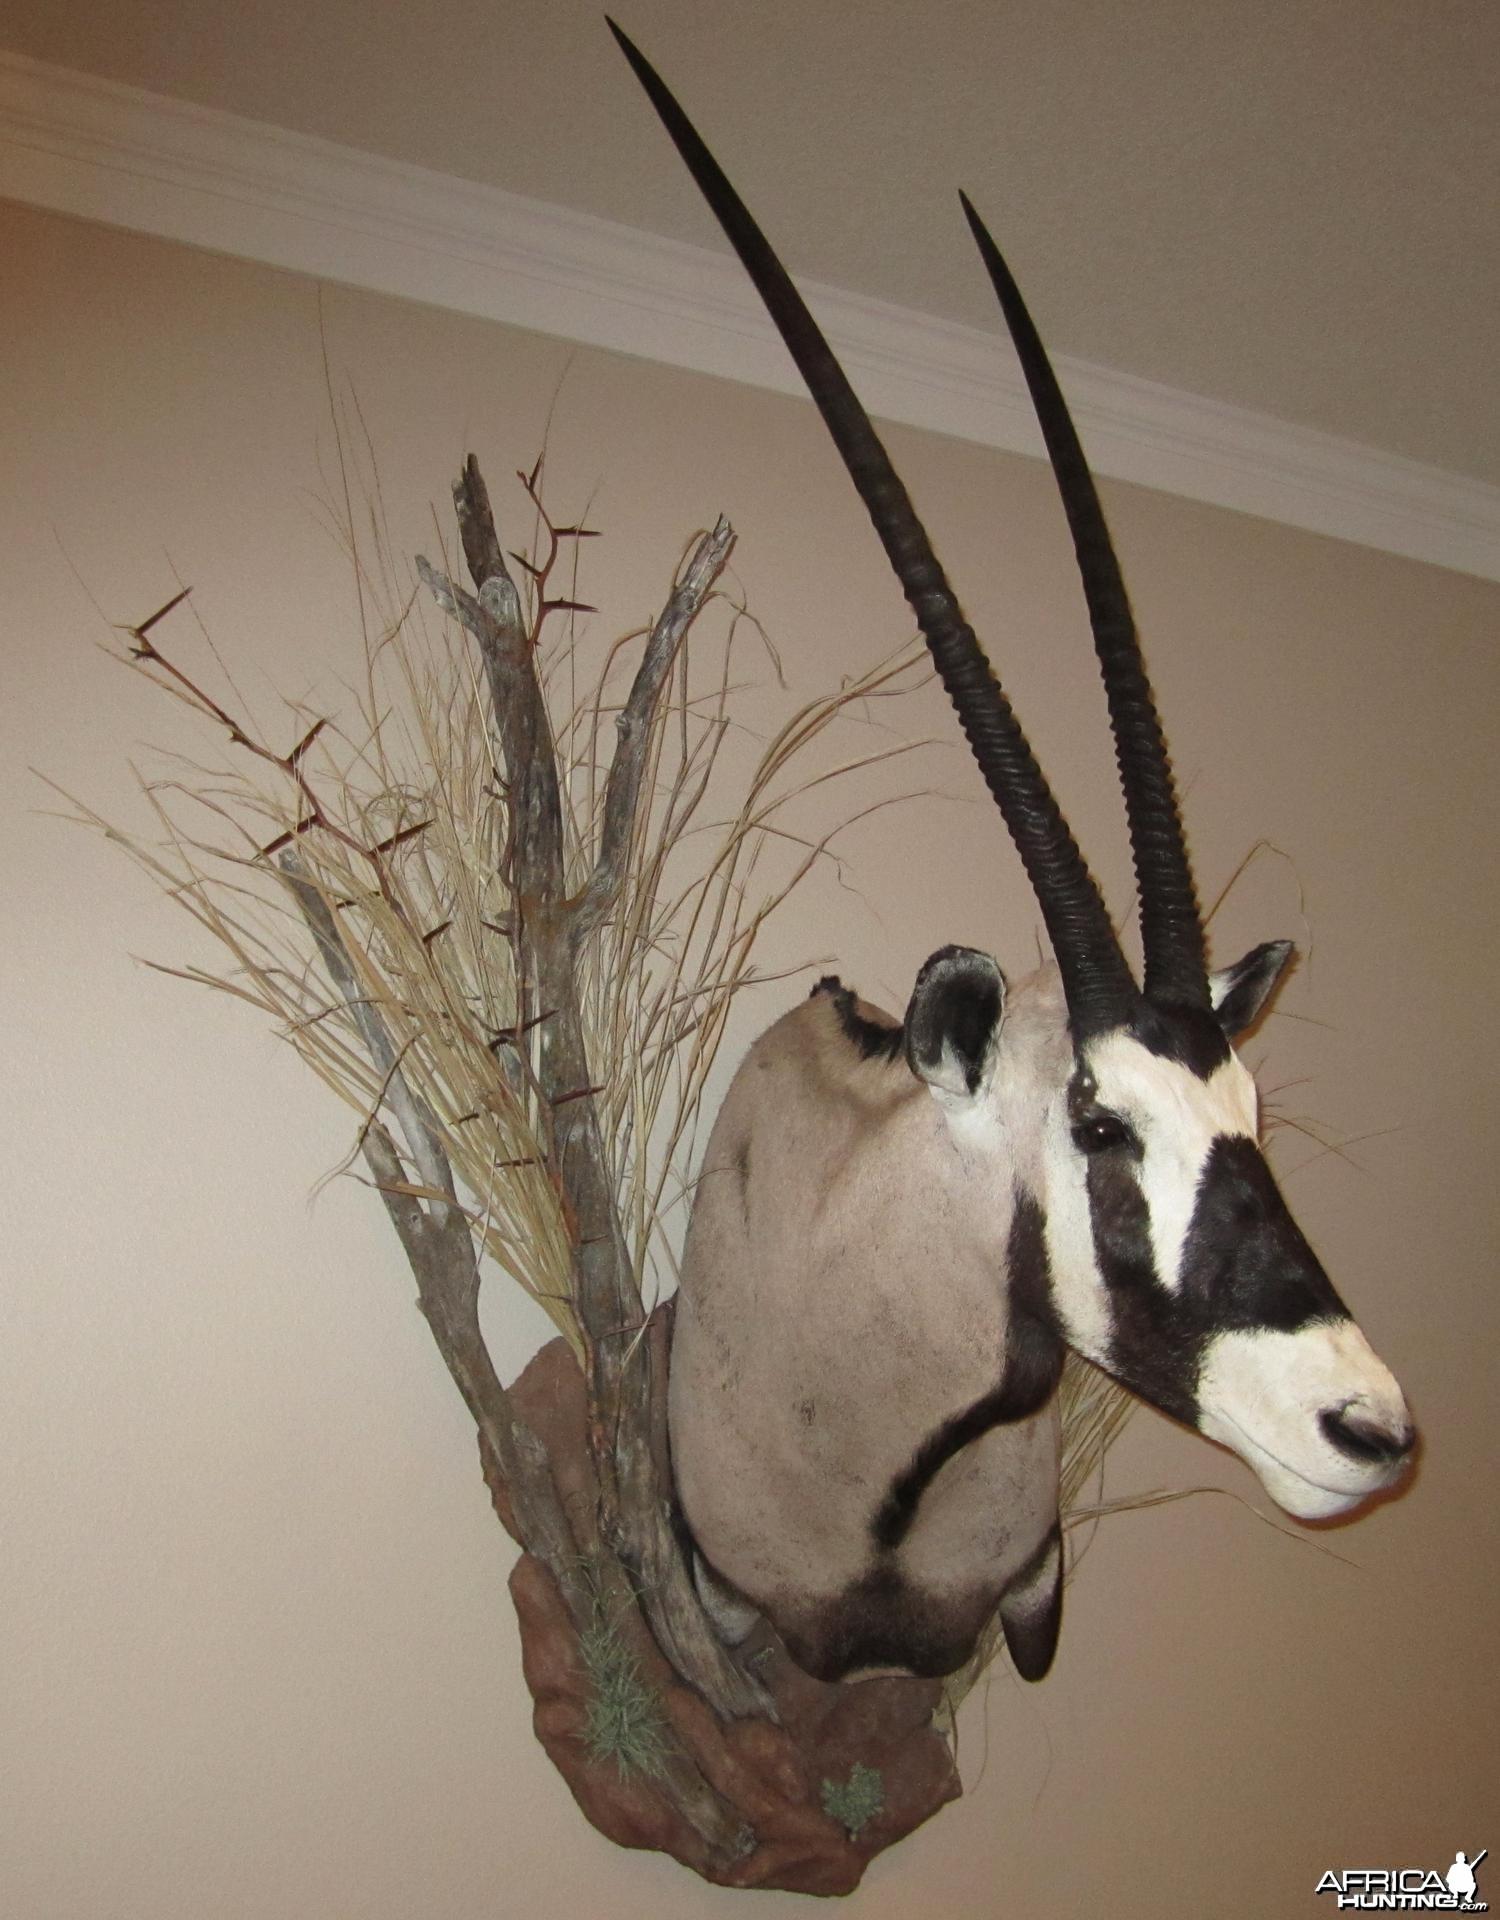 Gemsbok mount